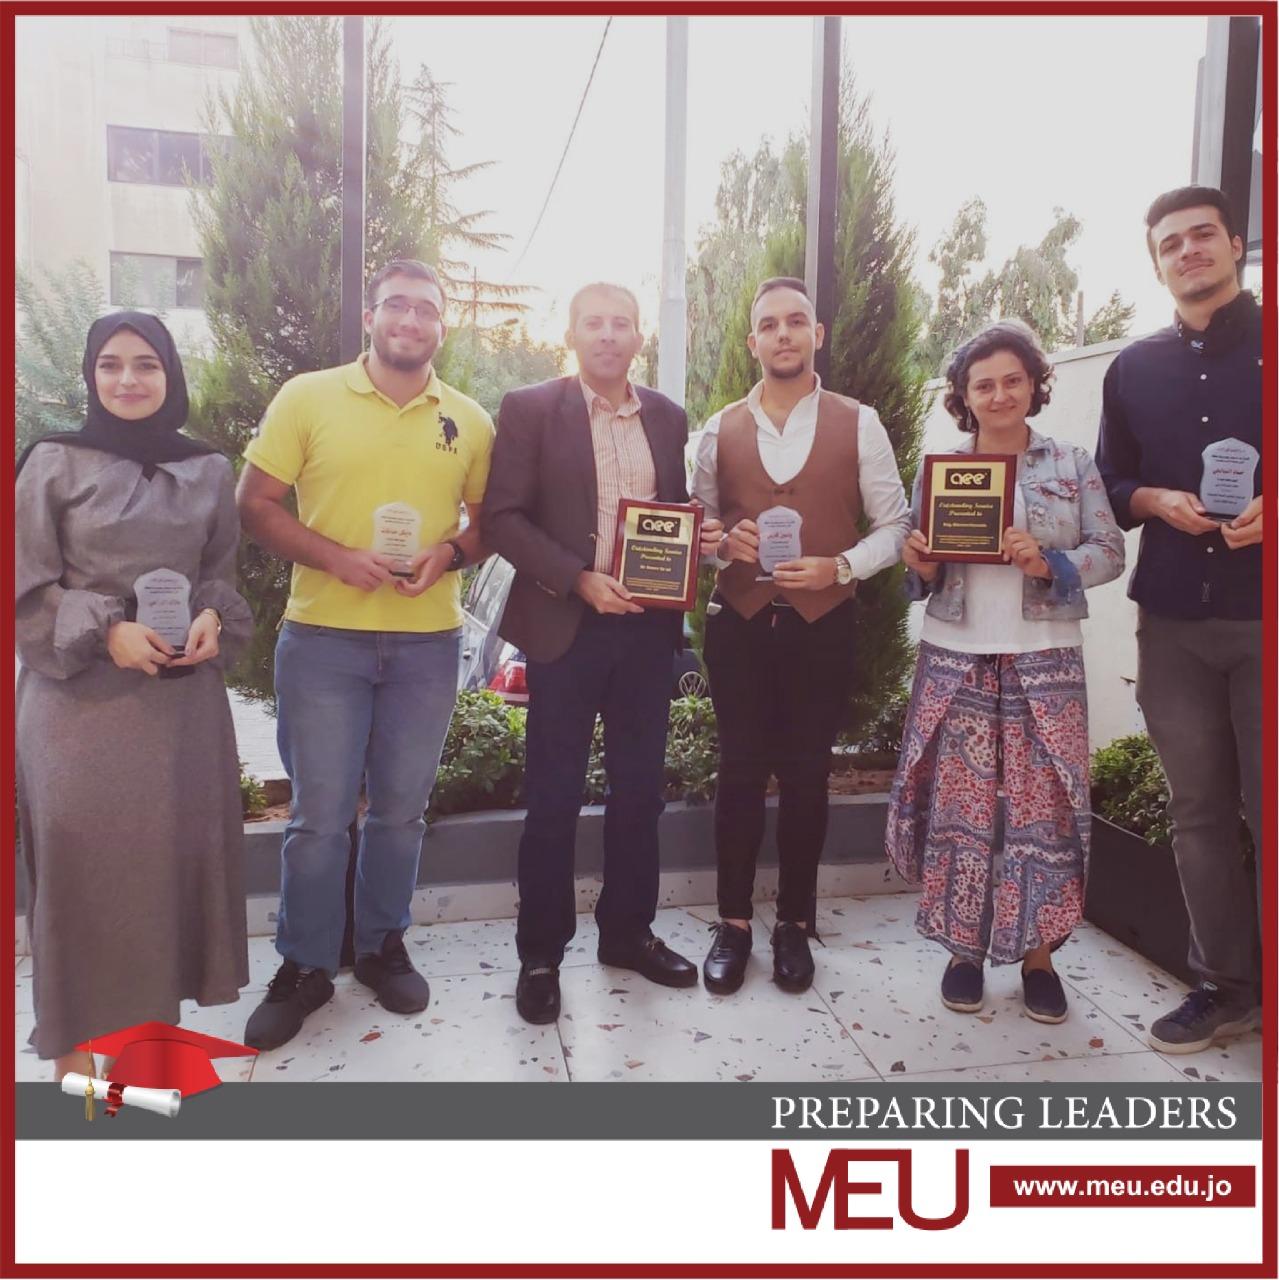 تكريم طلبة من قسم هندسة الطاقة المتجددة في جامعة الشرق الأوسط MEU